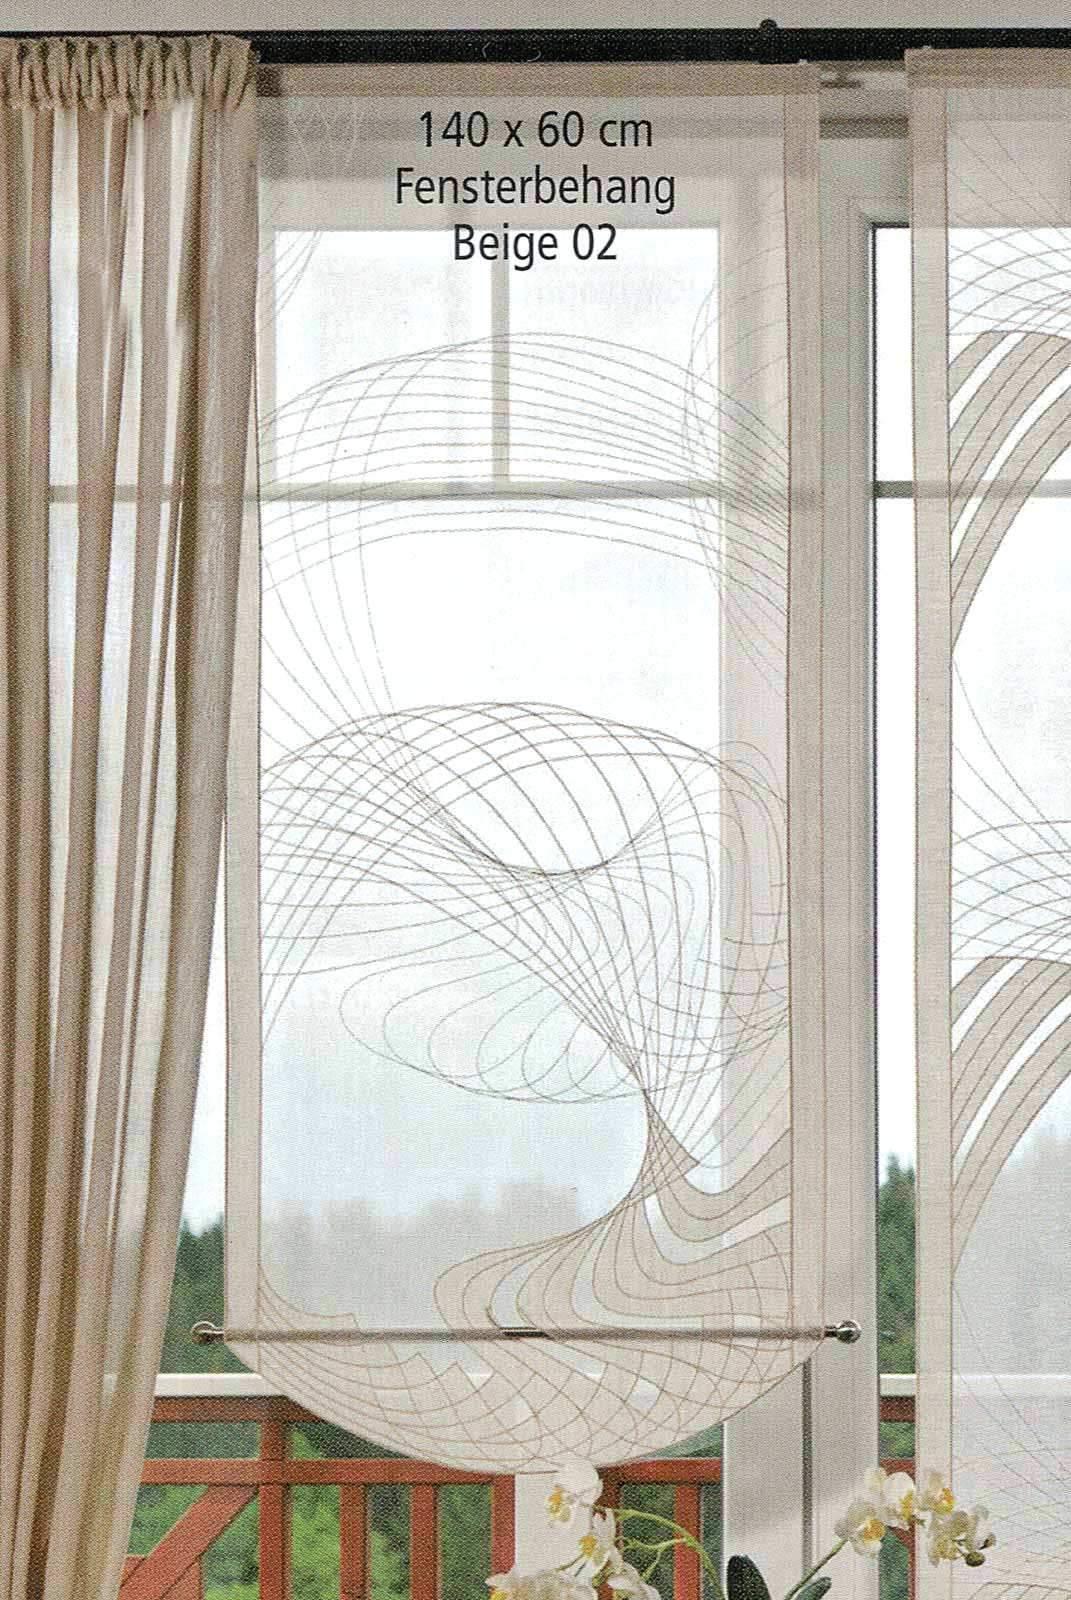 Full Size of Wohnzimmer Gardinen Mit Balkontr Einzigartig Inspirational Für Schlafzimmer Scheibengardinen Küche Gardine Fenster Die Wohnzimmer Balkontür Gardine